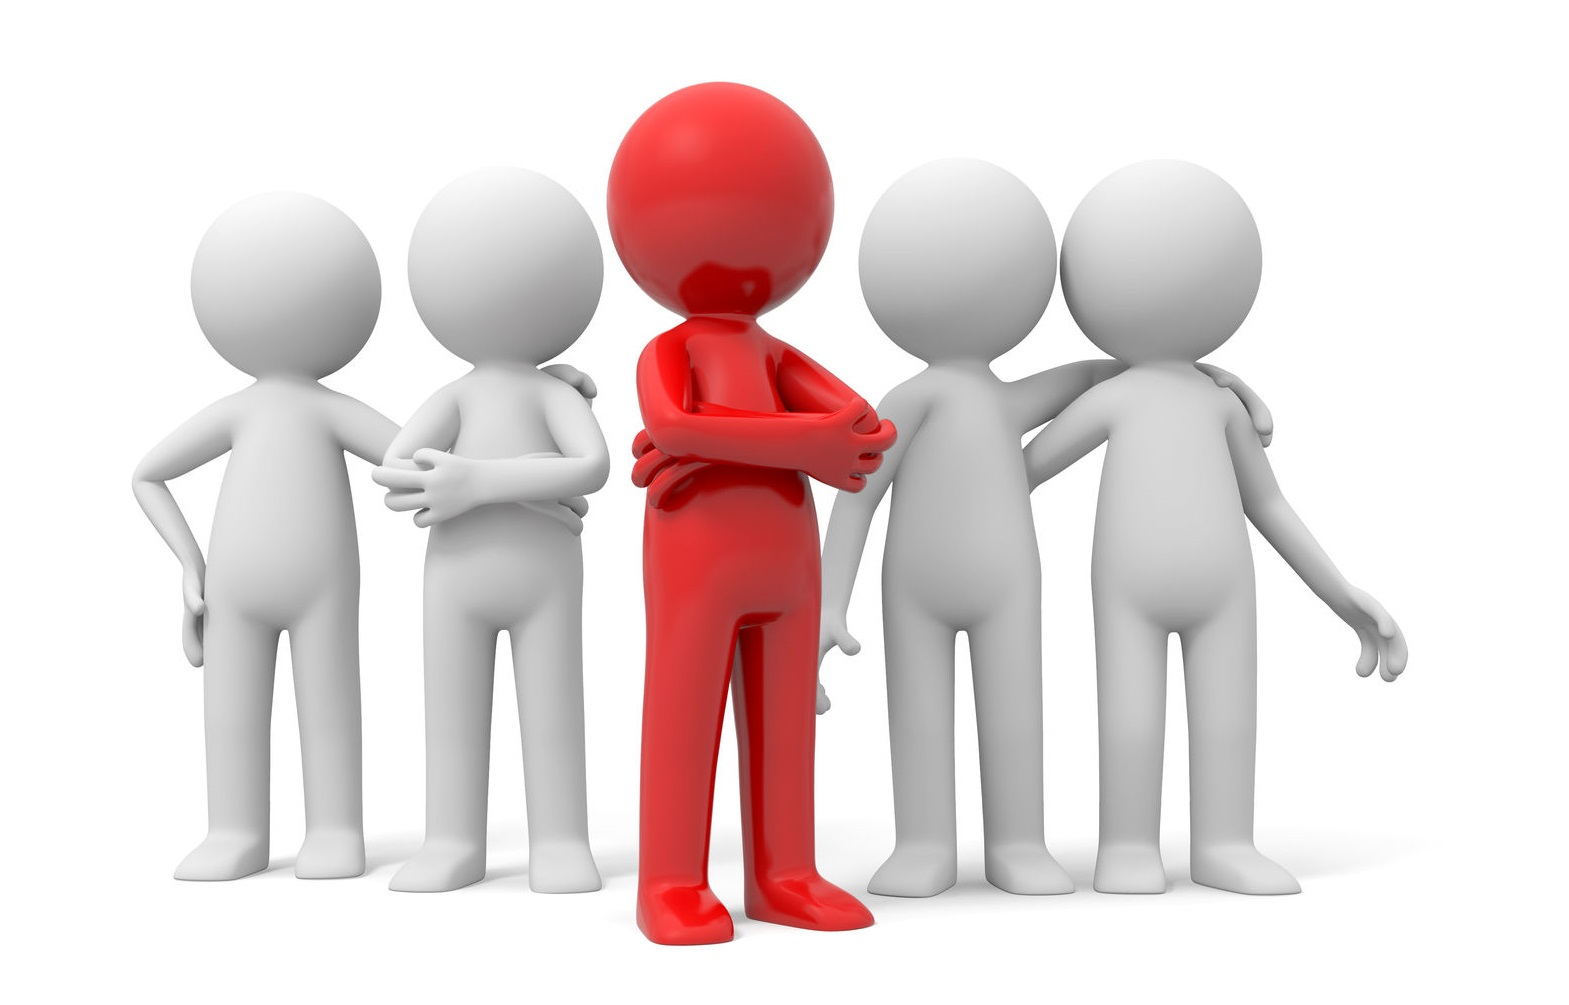 Ai nevoie de competente de leadership pentru a conduce un Start-up?